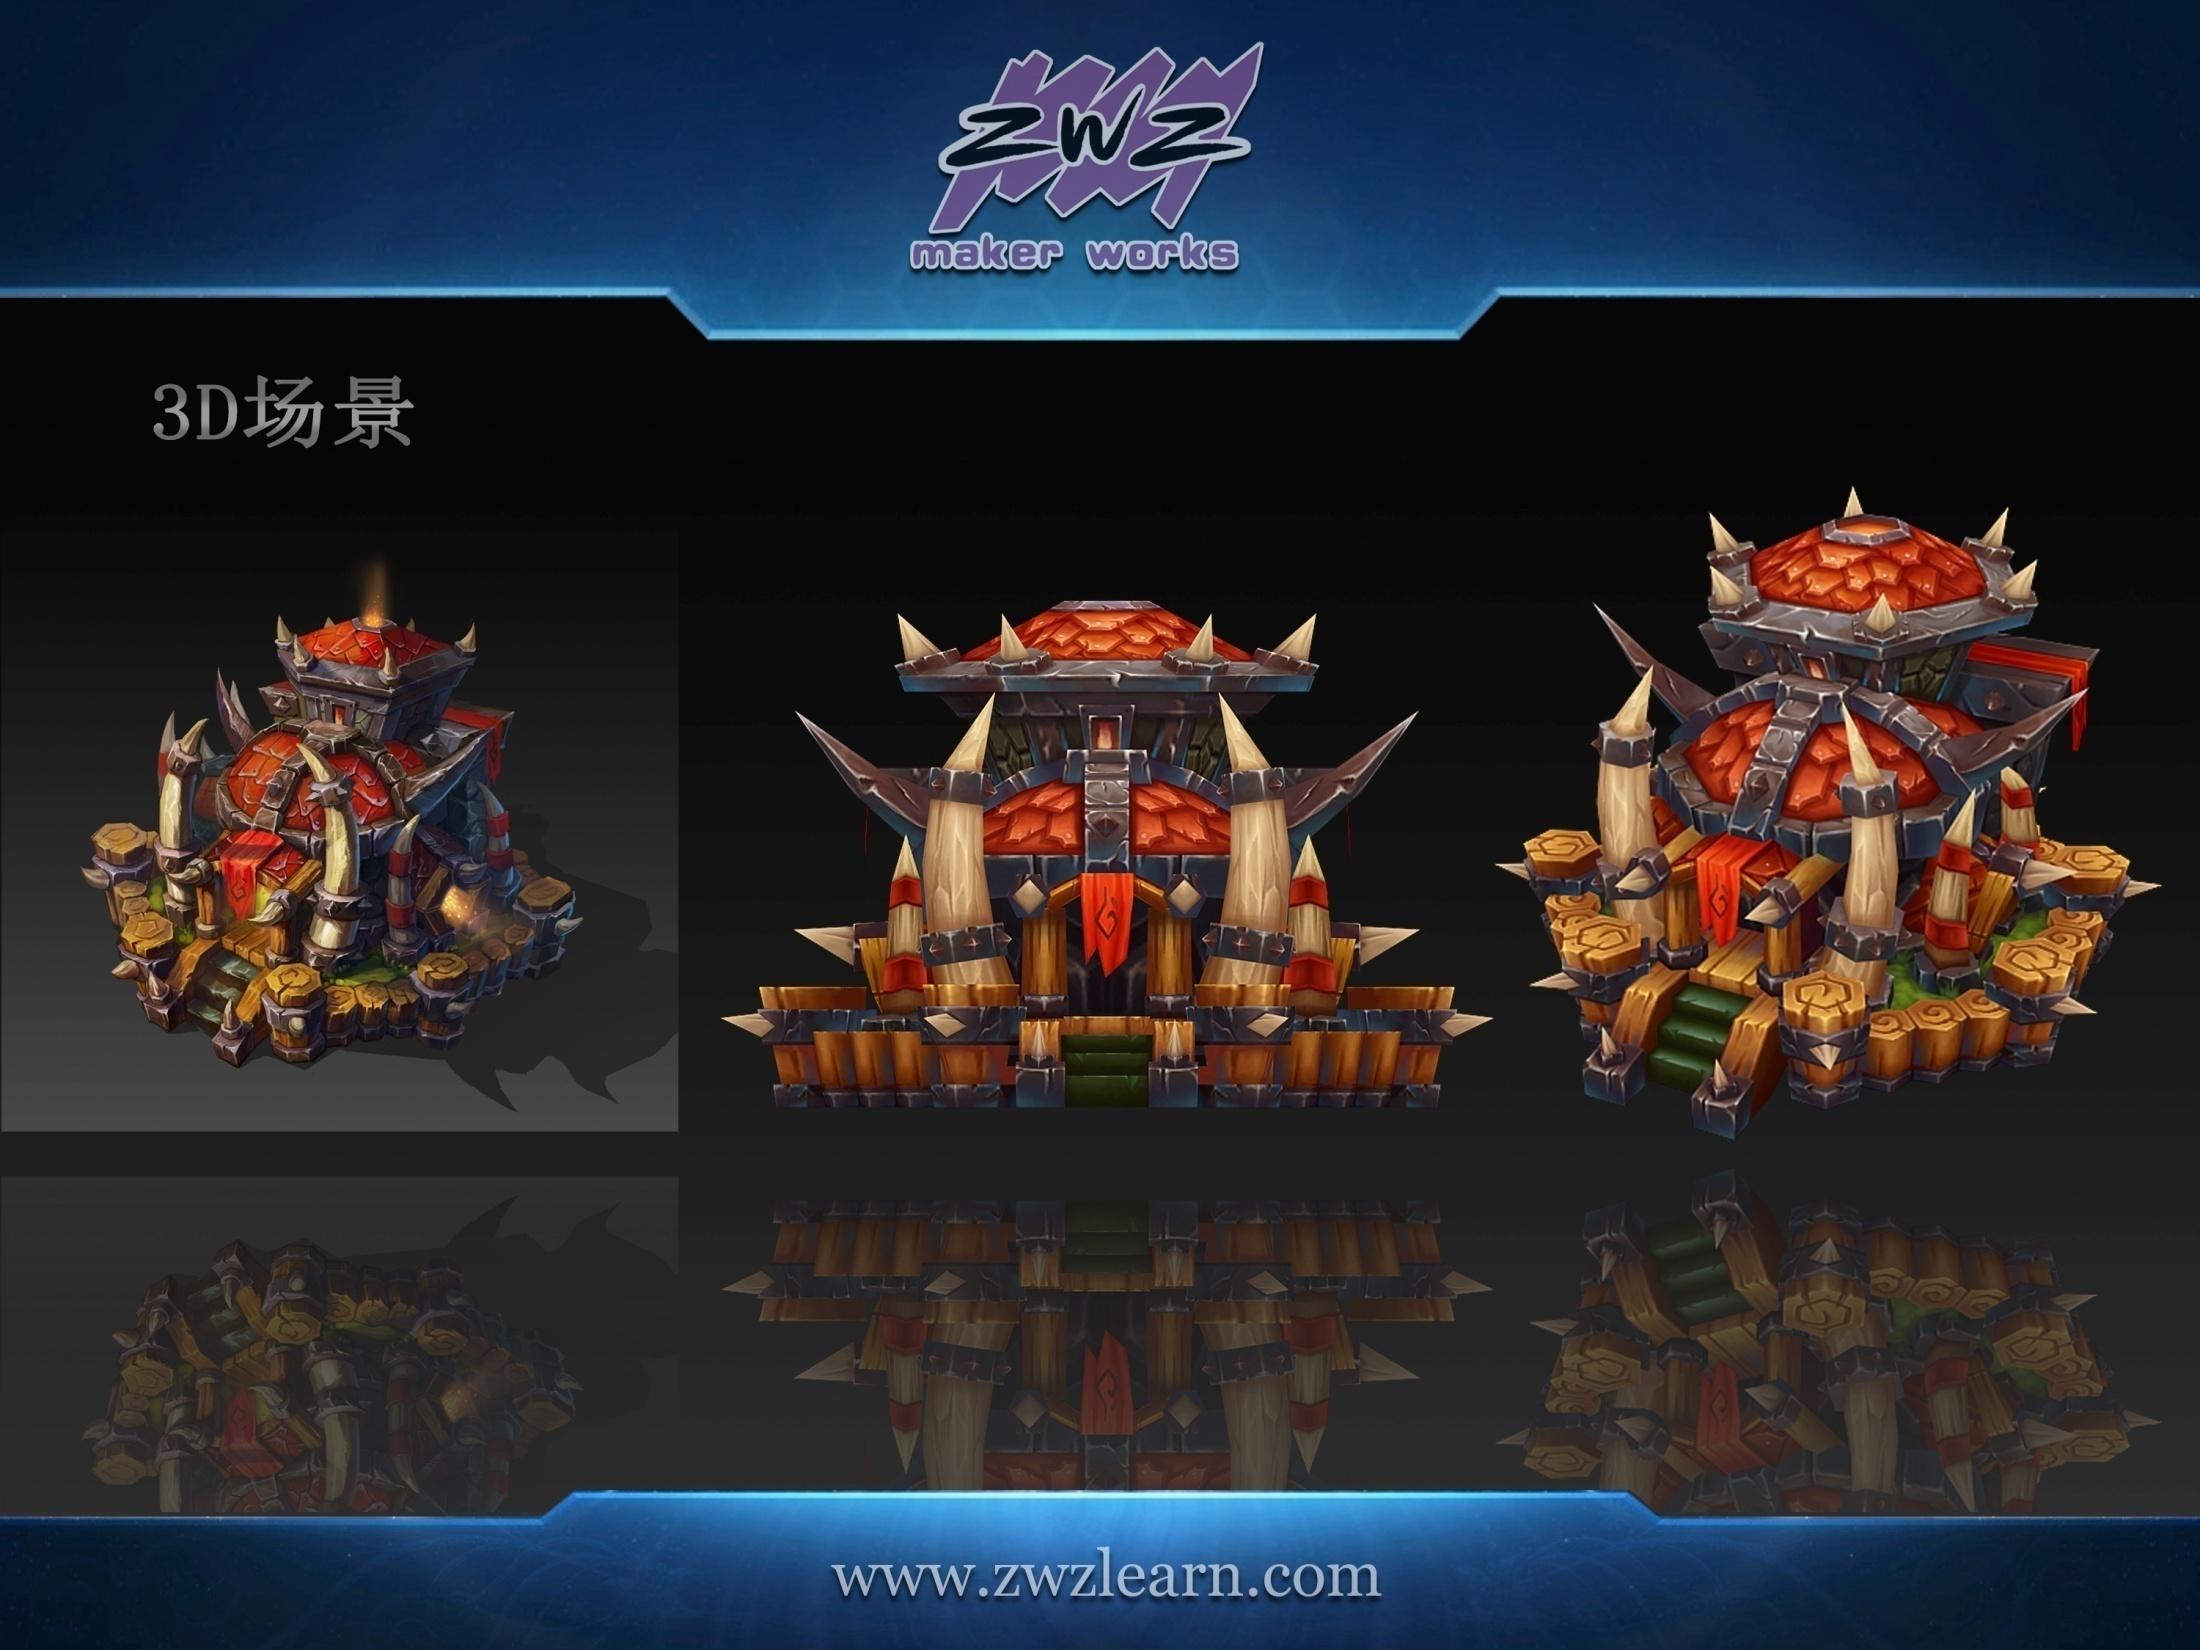 广州专业游戏设计培训机构高技术优势